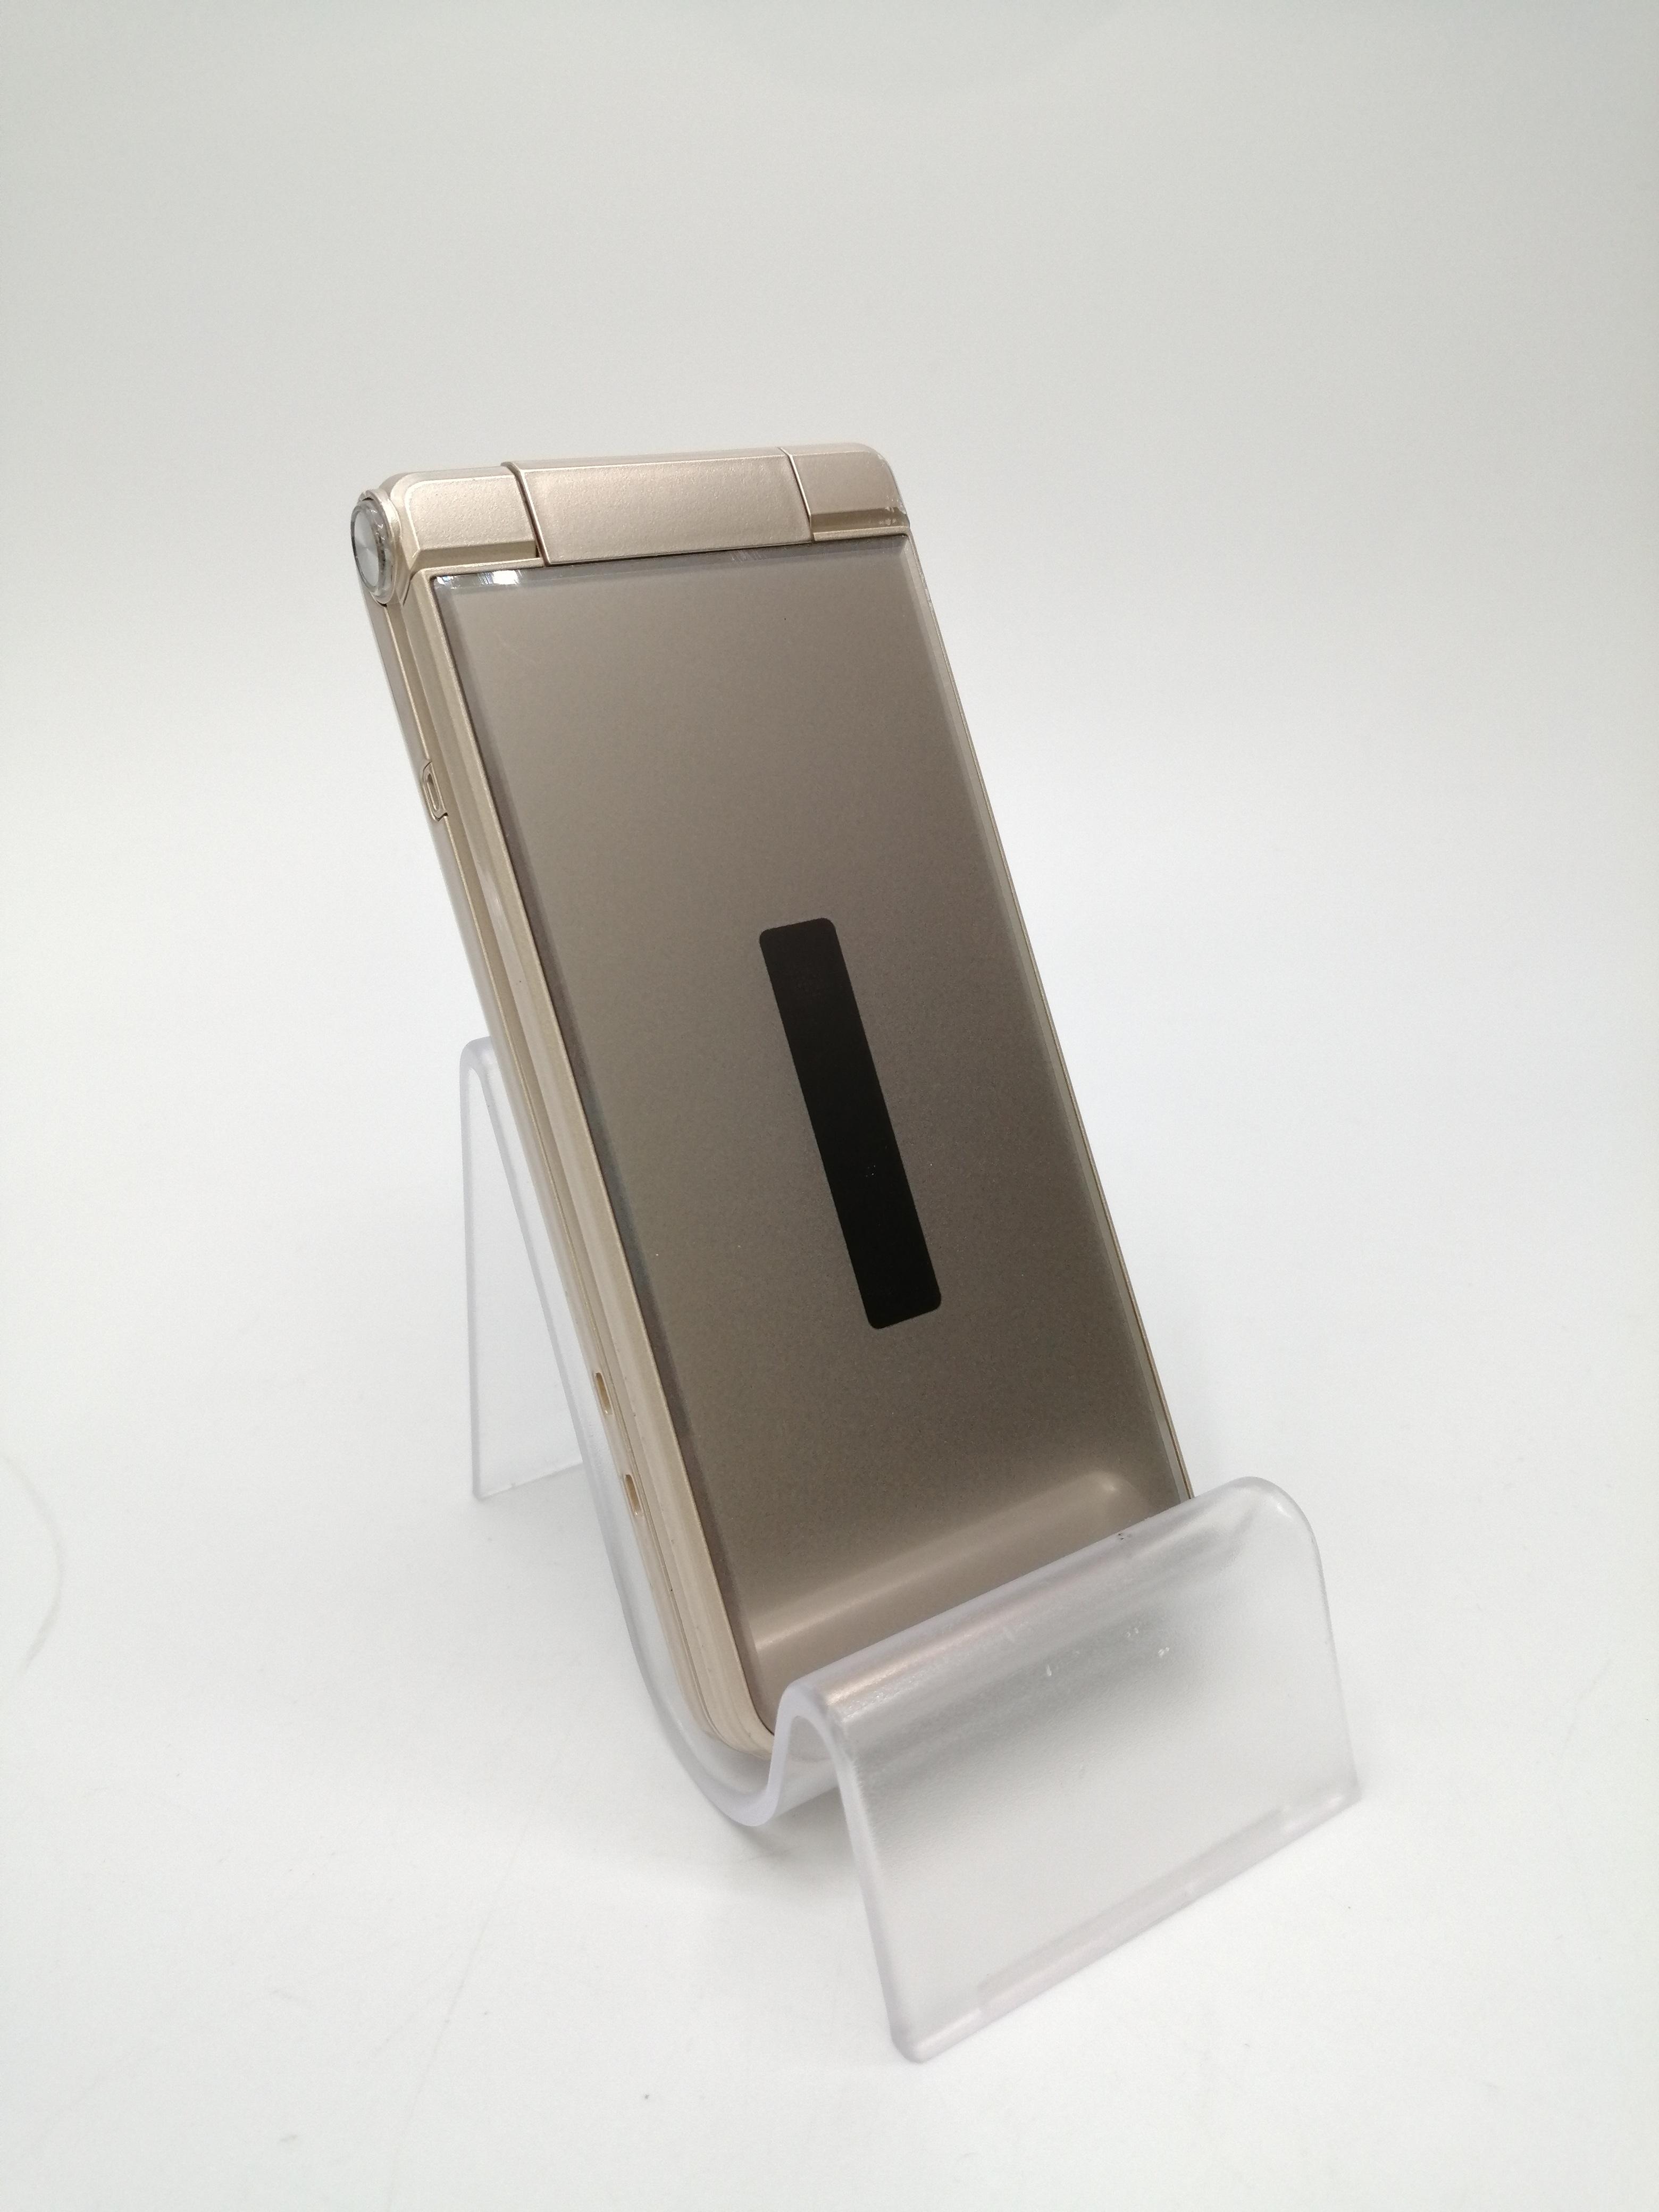 携帯電話|SHARP(DOCOMO)